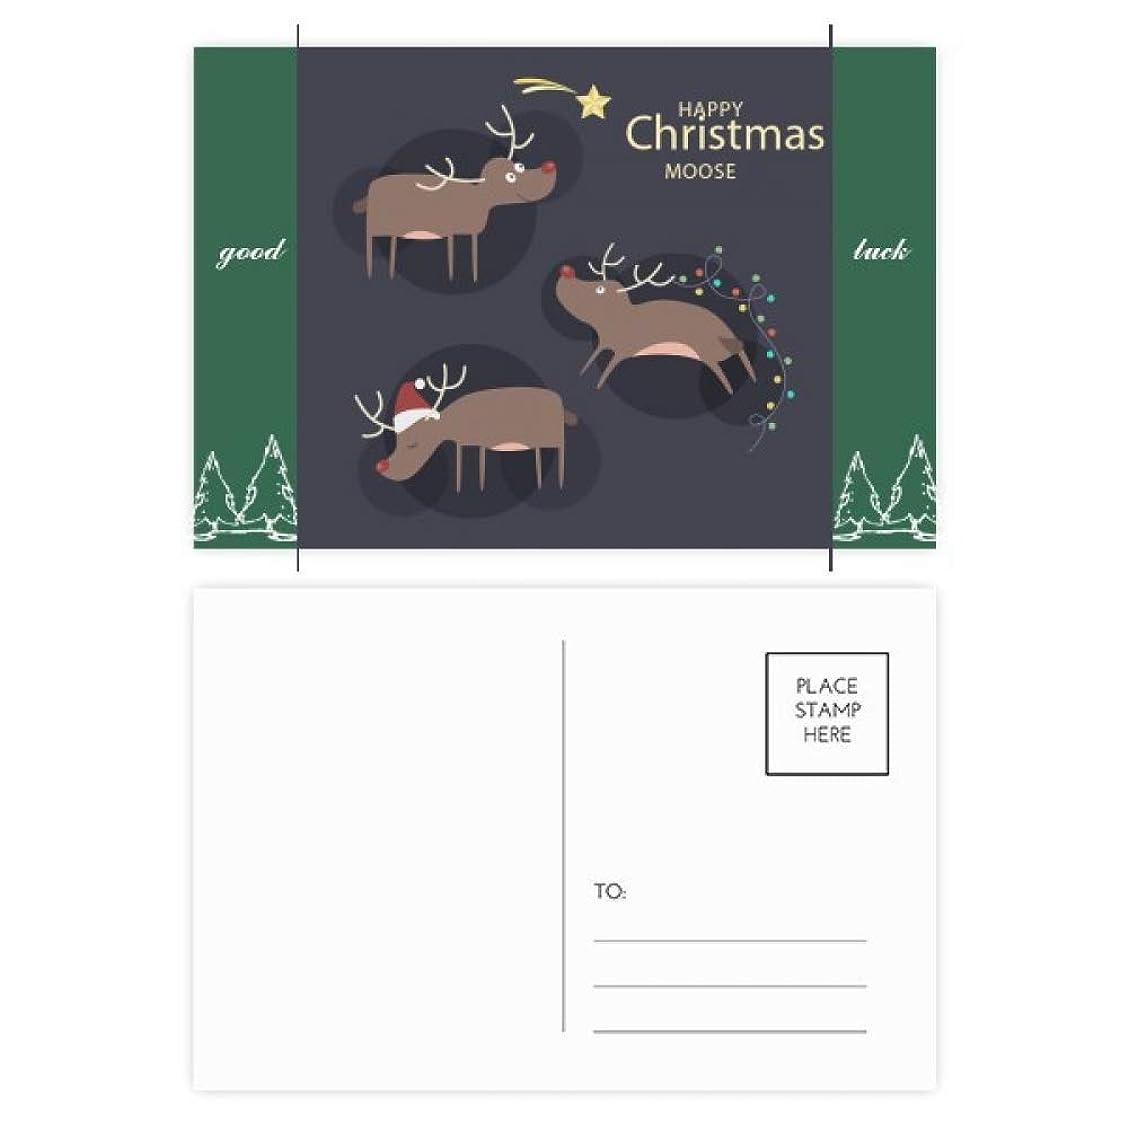 に慣れ肩をすくめる通り抜けるクリスマスのトナカイの漫画のパターン グッドラック?ポストカードセットのカードを郵送側20個